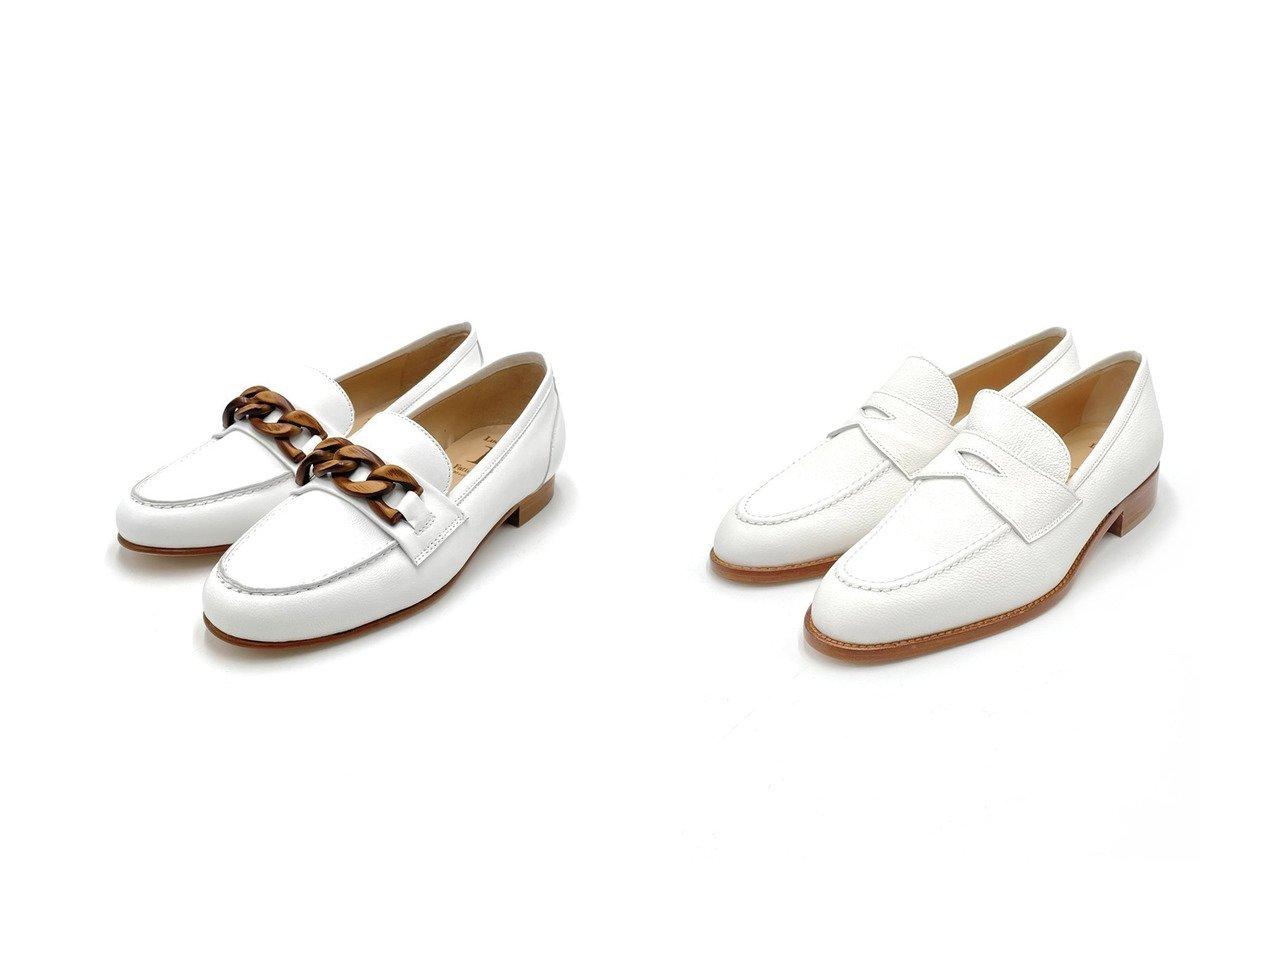 【LucaGrossi/ルカグロッシ】のコインローファー&チェーンビットローファー 【シューズ・靴】おすすめ!人気、トレンド・レディースファッションの通販 おすすめで人気の流行・トレンド、ファッションの通販商品 インテリア・家具・メンズファッション・キッズファッション・レディースファッション・服の通販 founy(ファニー) https://founy.com/ ファッション Fashion レディースファッション WOMEN イタリア シューズ チェーン フラット  ID:crp329100000043152